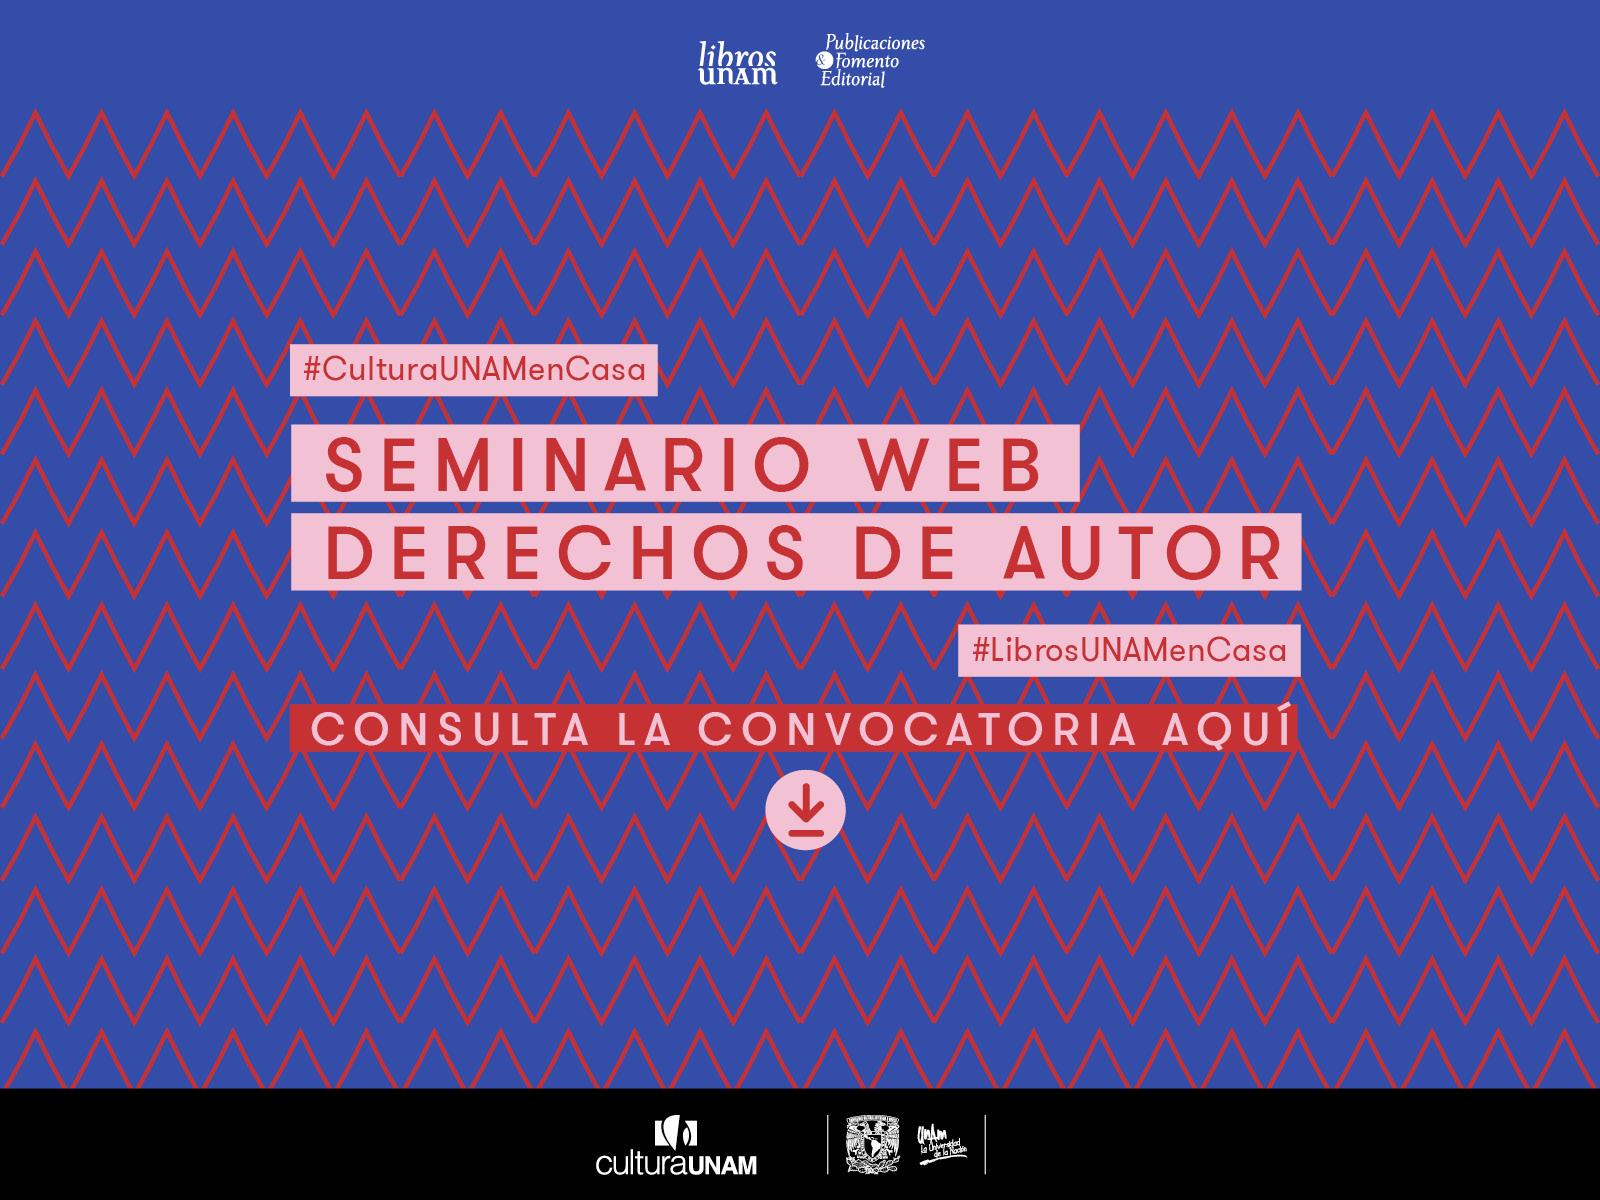 Seminario web Derechos de Autor - Libros UNAM